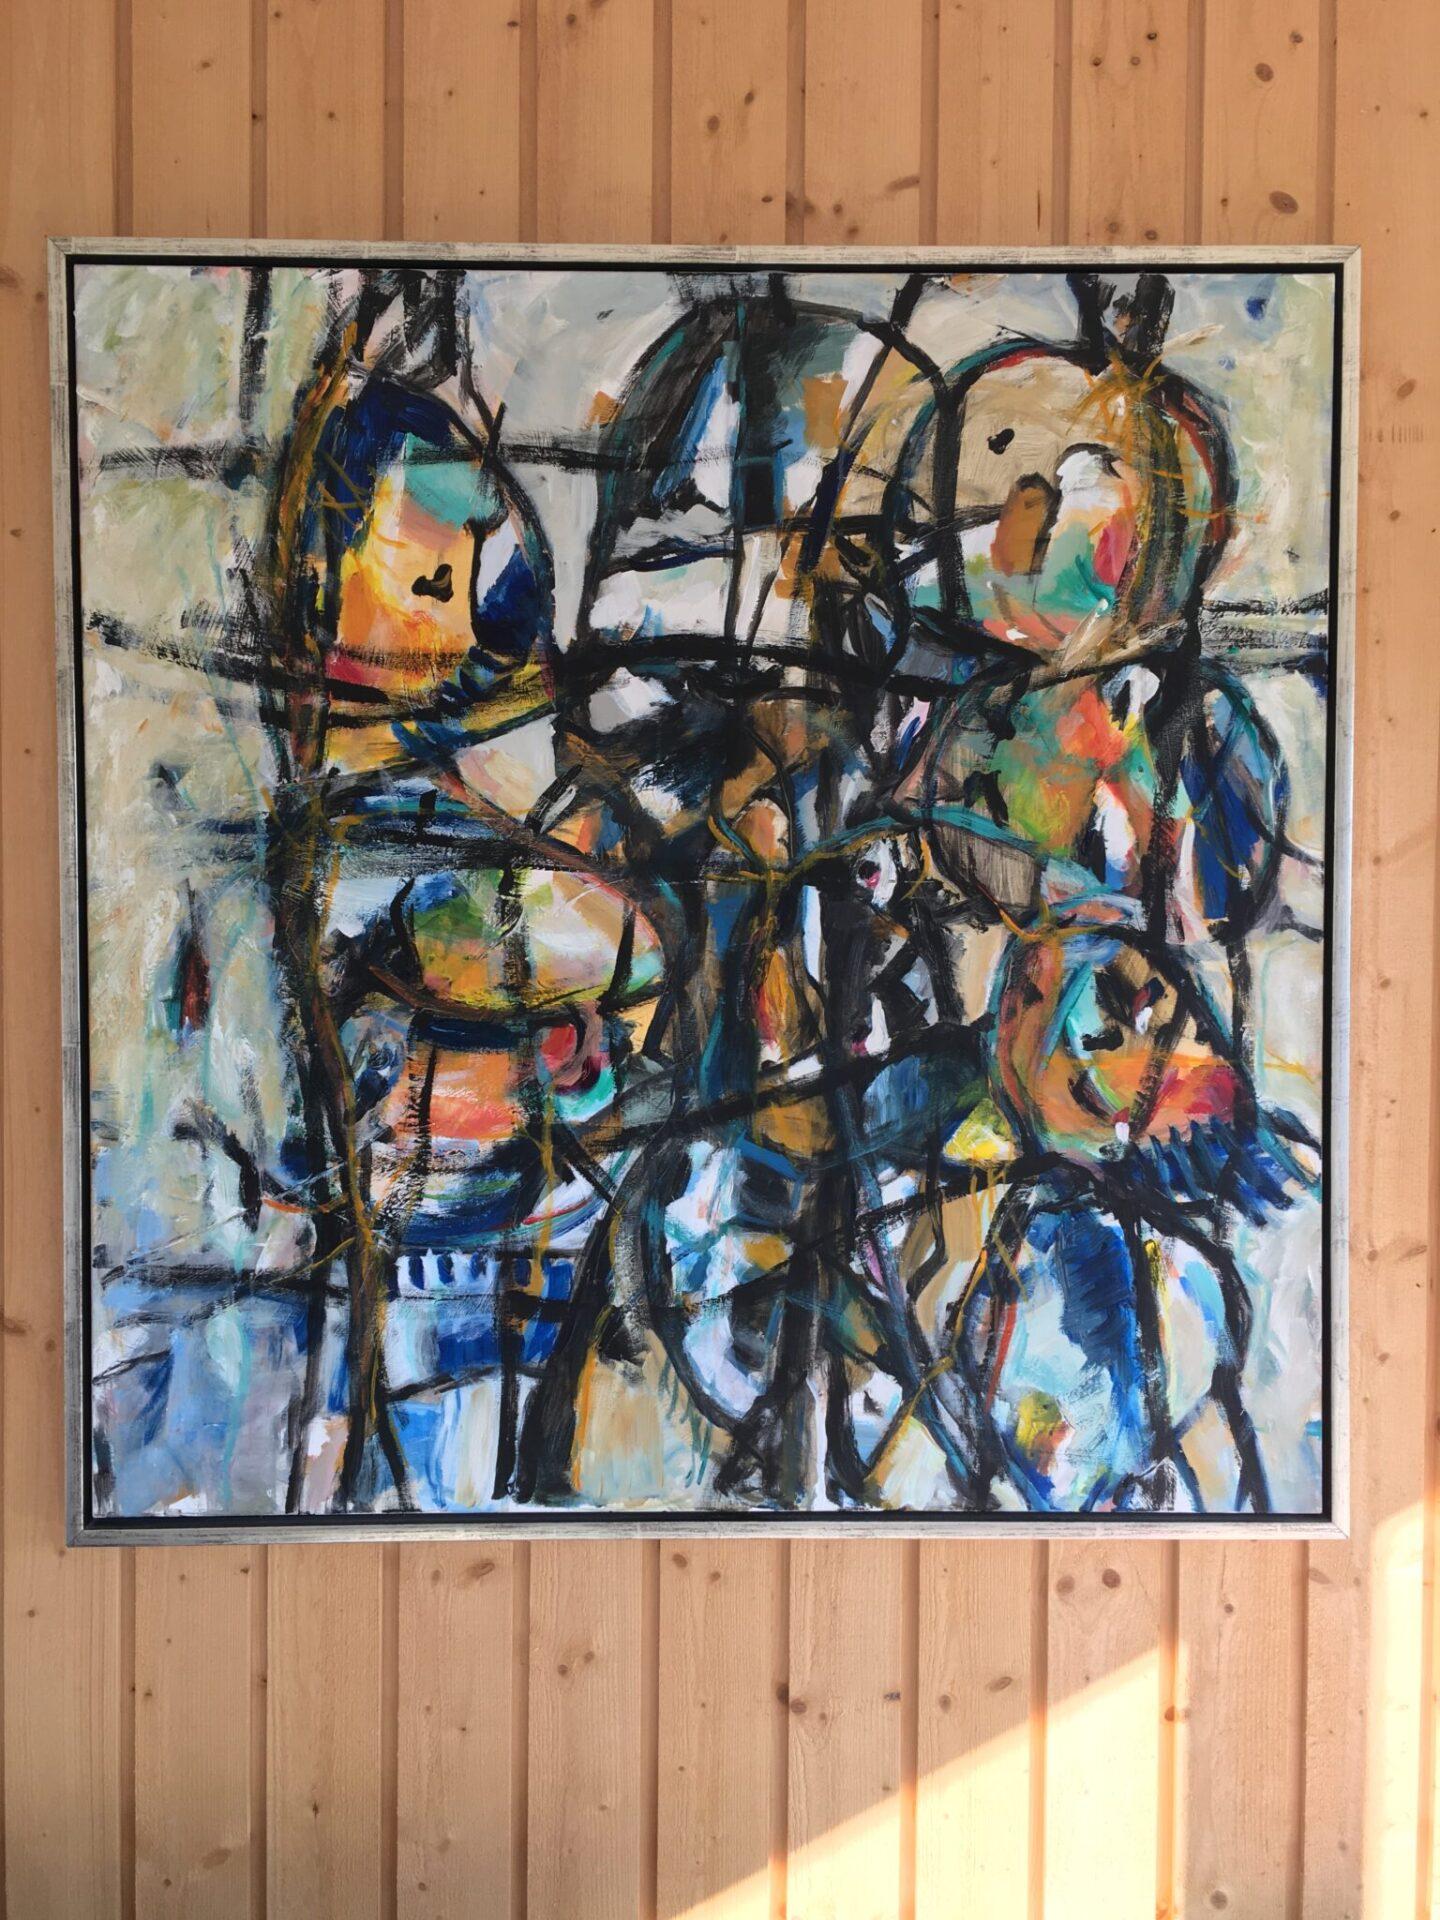 Stort abstrakt maleri sign Karen Hjort, 2011. Pris 2000kr